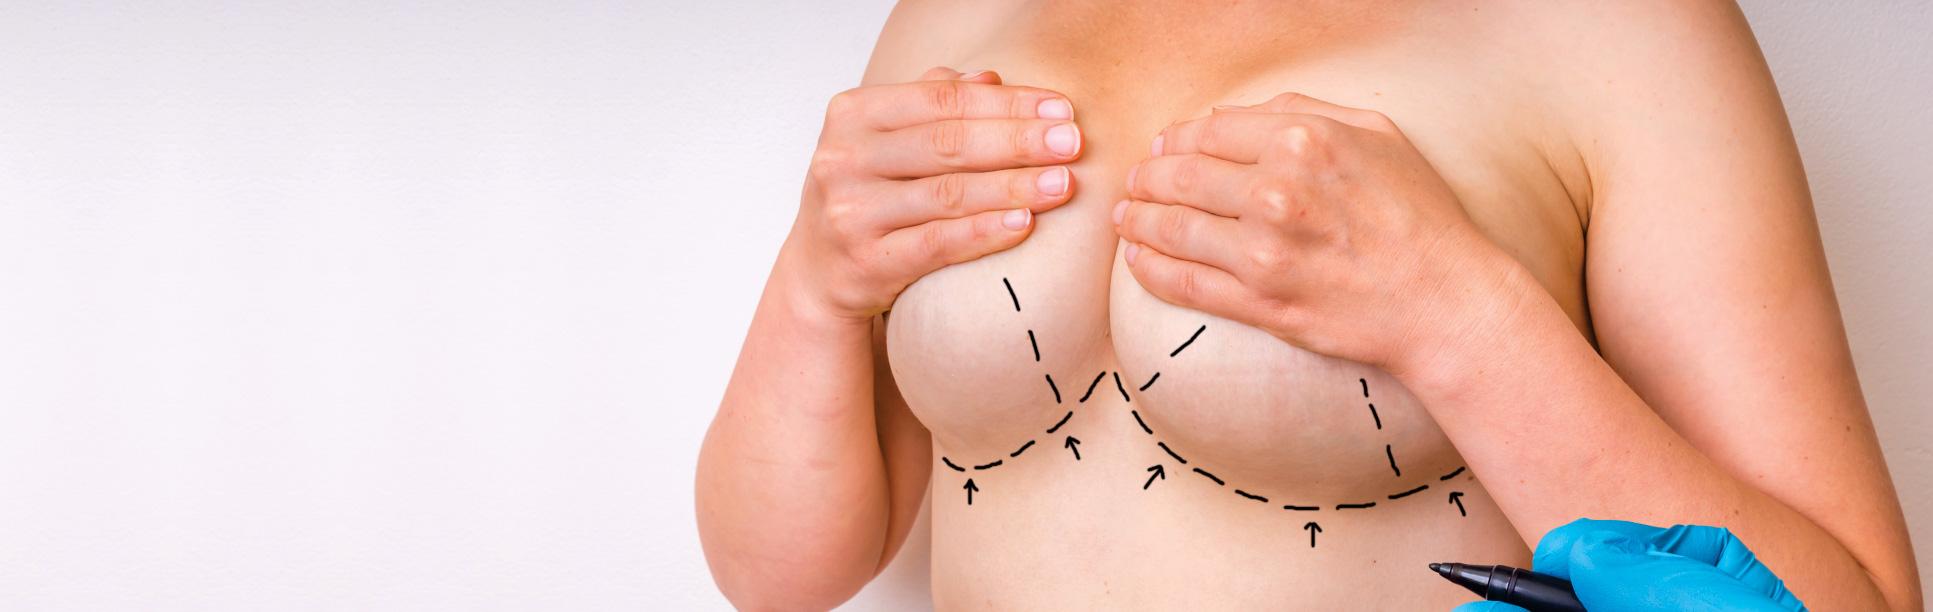 30% reducere la operația de mărire a sânilor cu implanturi mamare Arion,